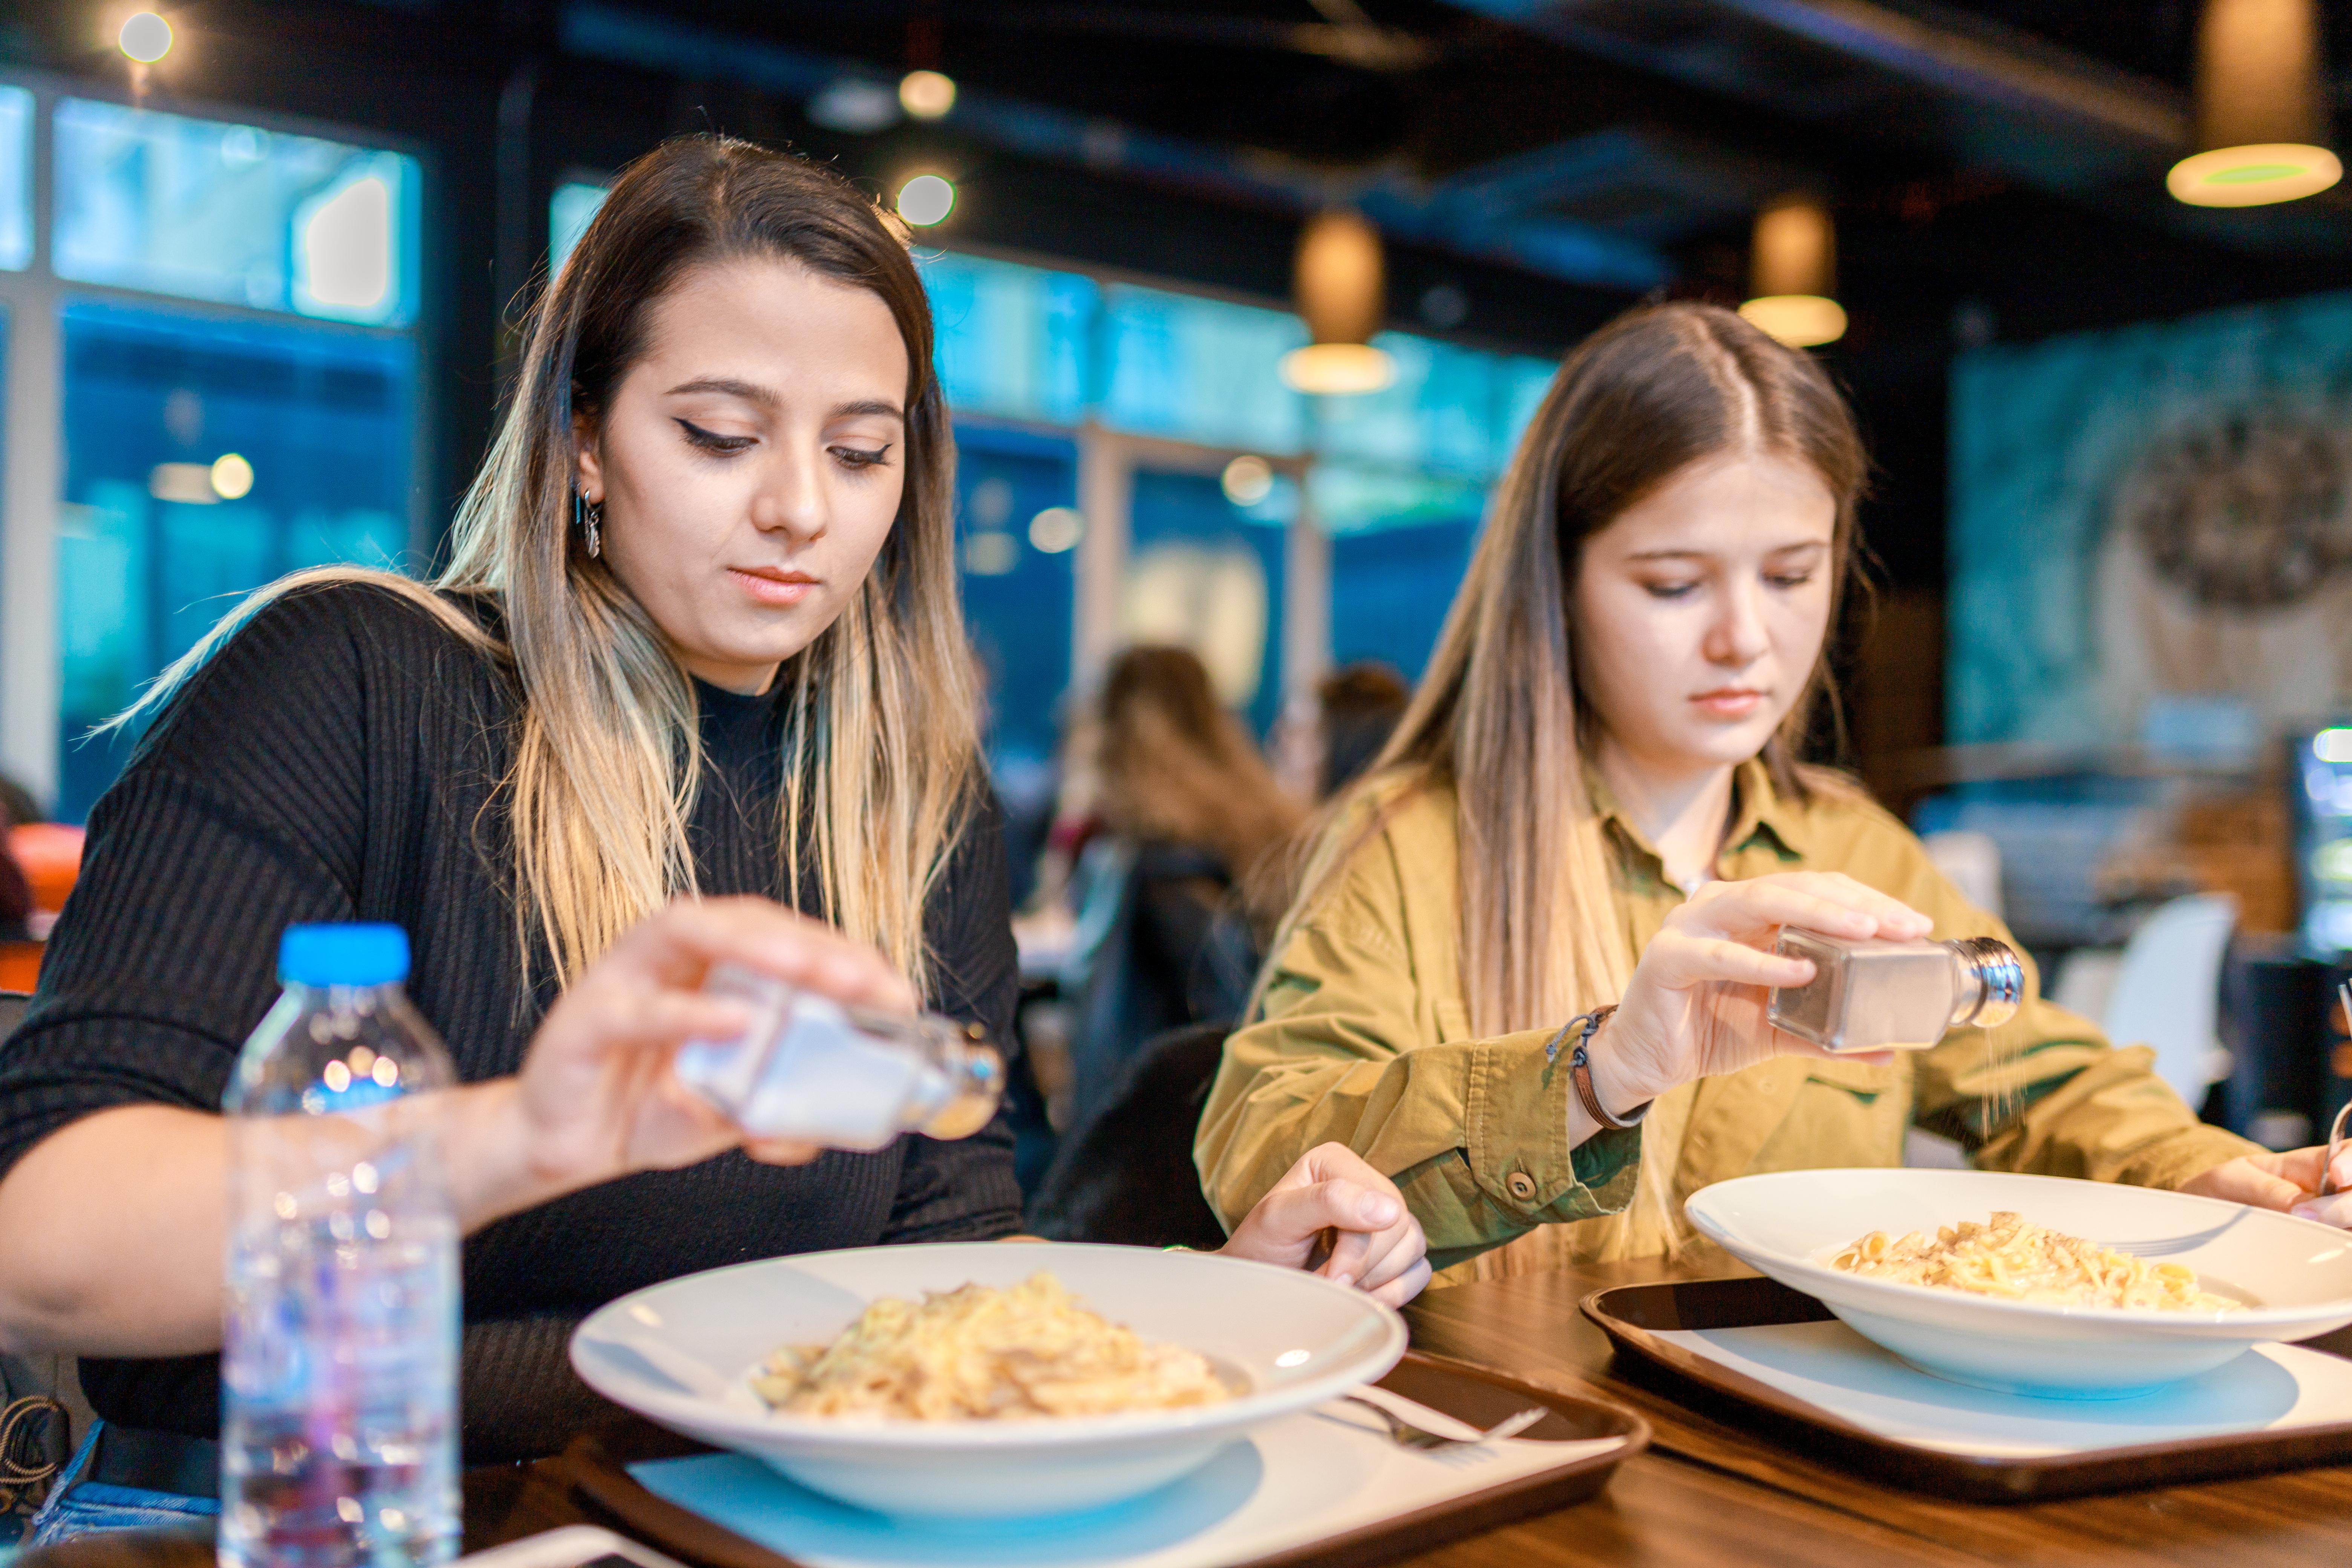 Estos dos ingredientes, infaltables en la dieta en todo el mundo, presentan índices elevados de consumo que derivan en graves patologías.